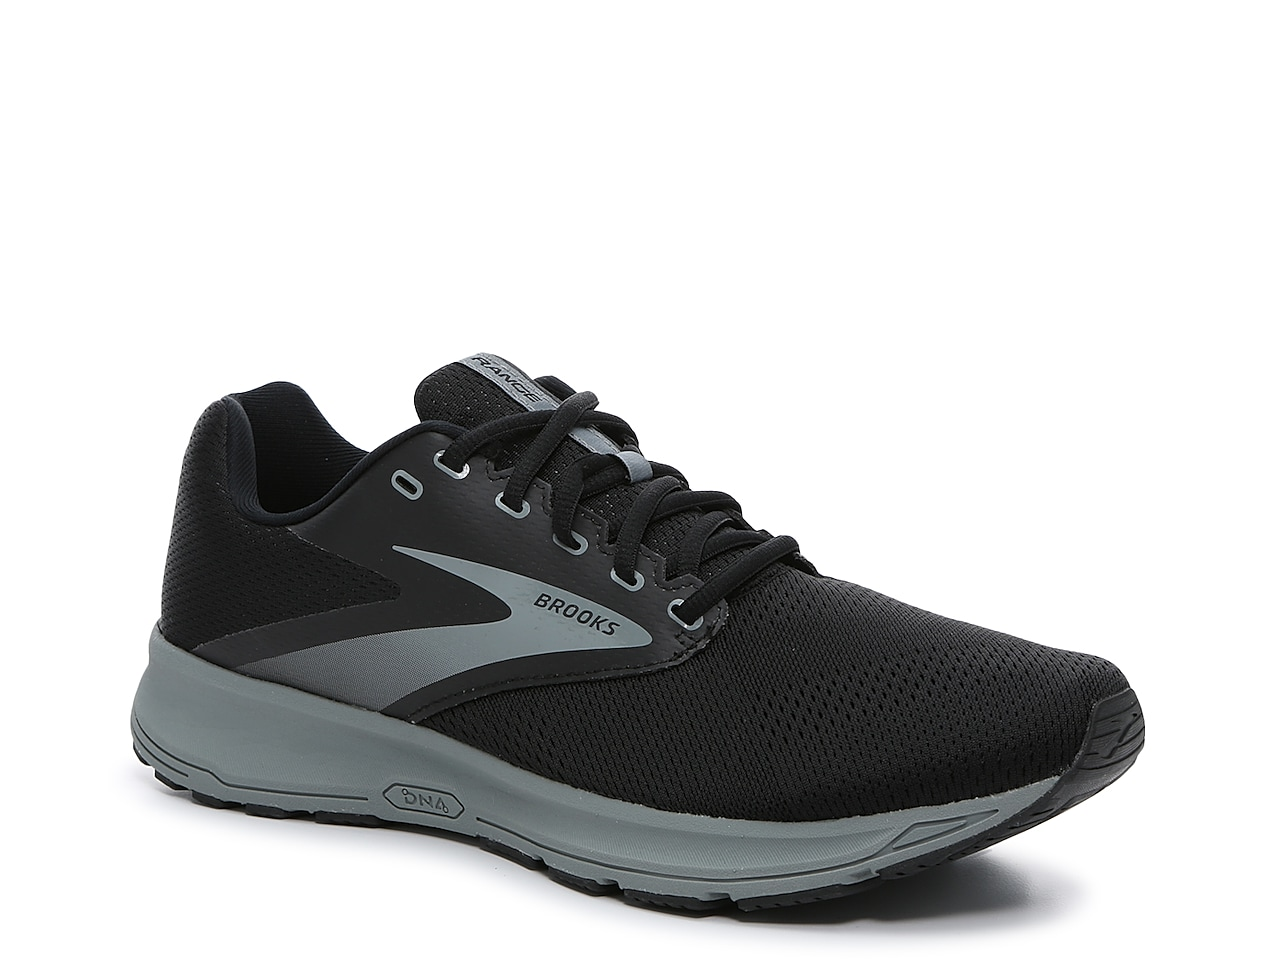 Brooks Range Running Shoe - Men's